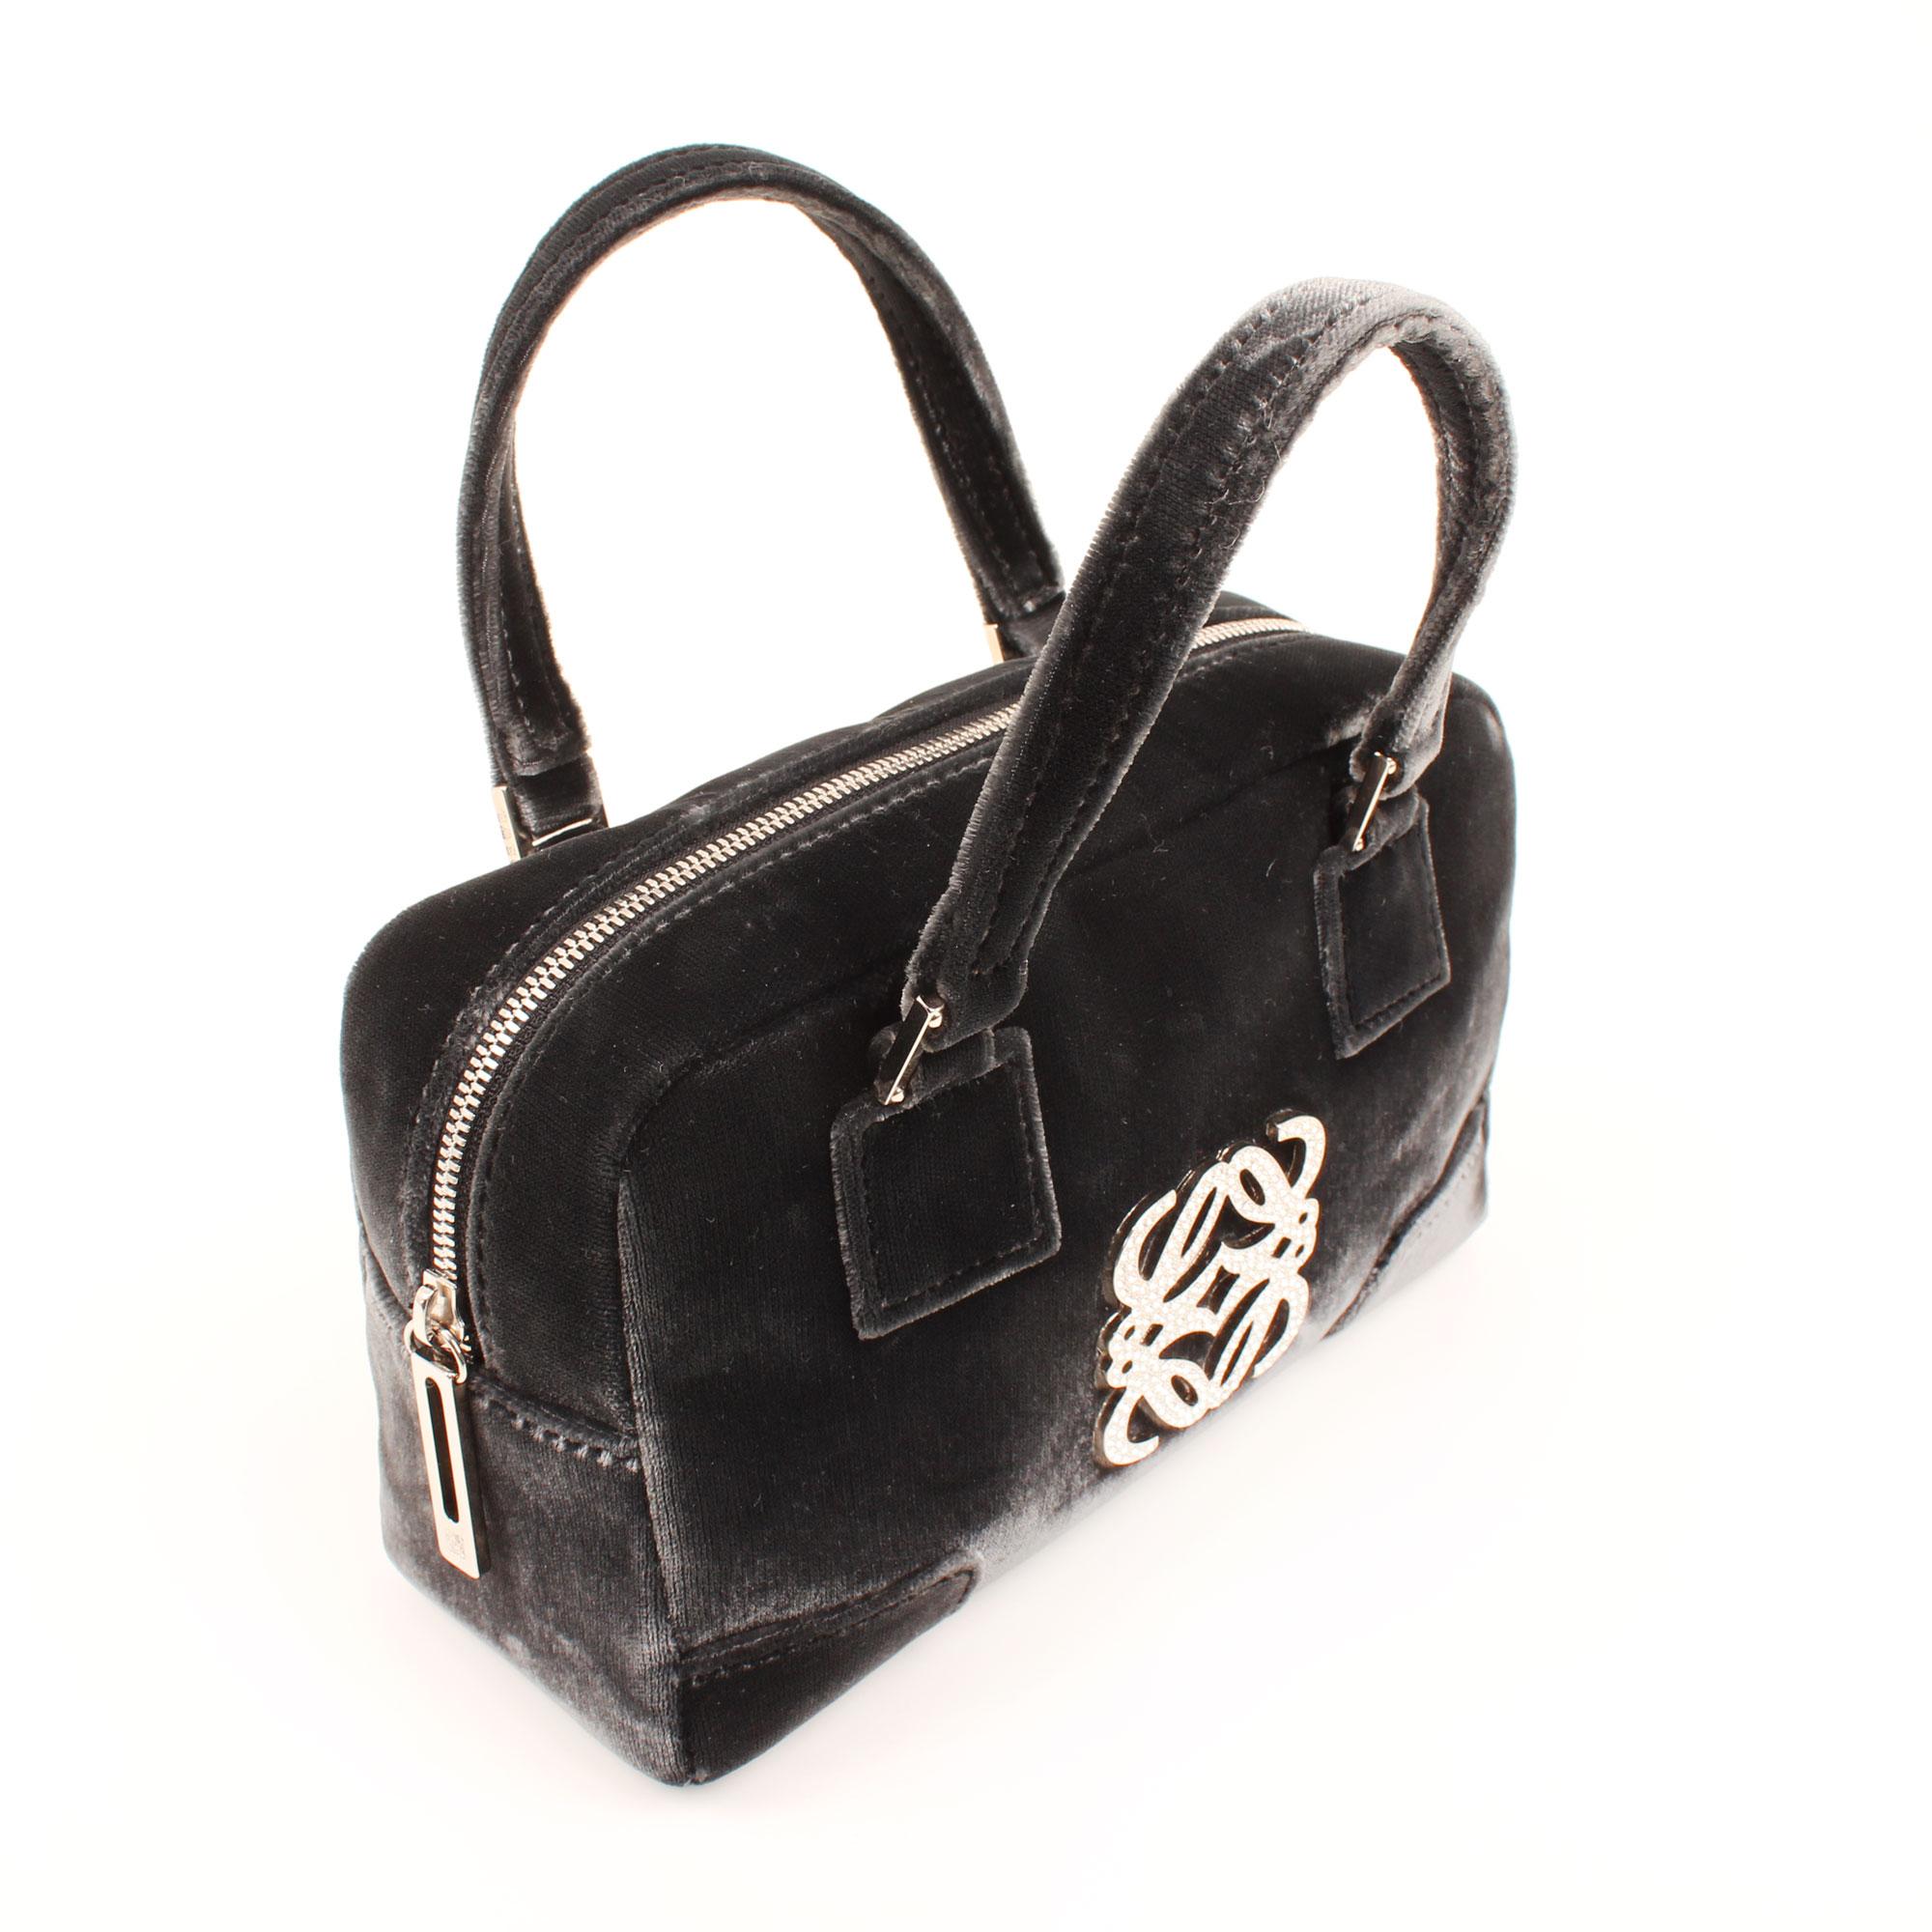 Imagen general del bolso de mano loewe amazona bb negro